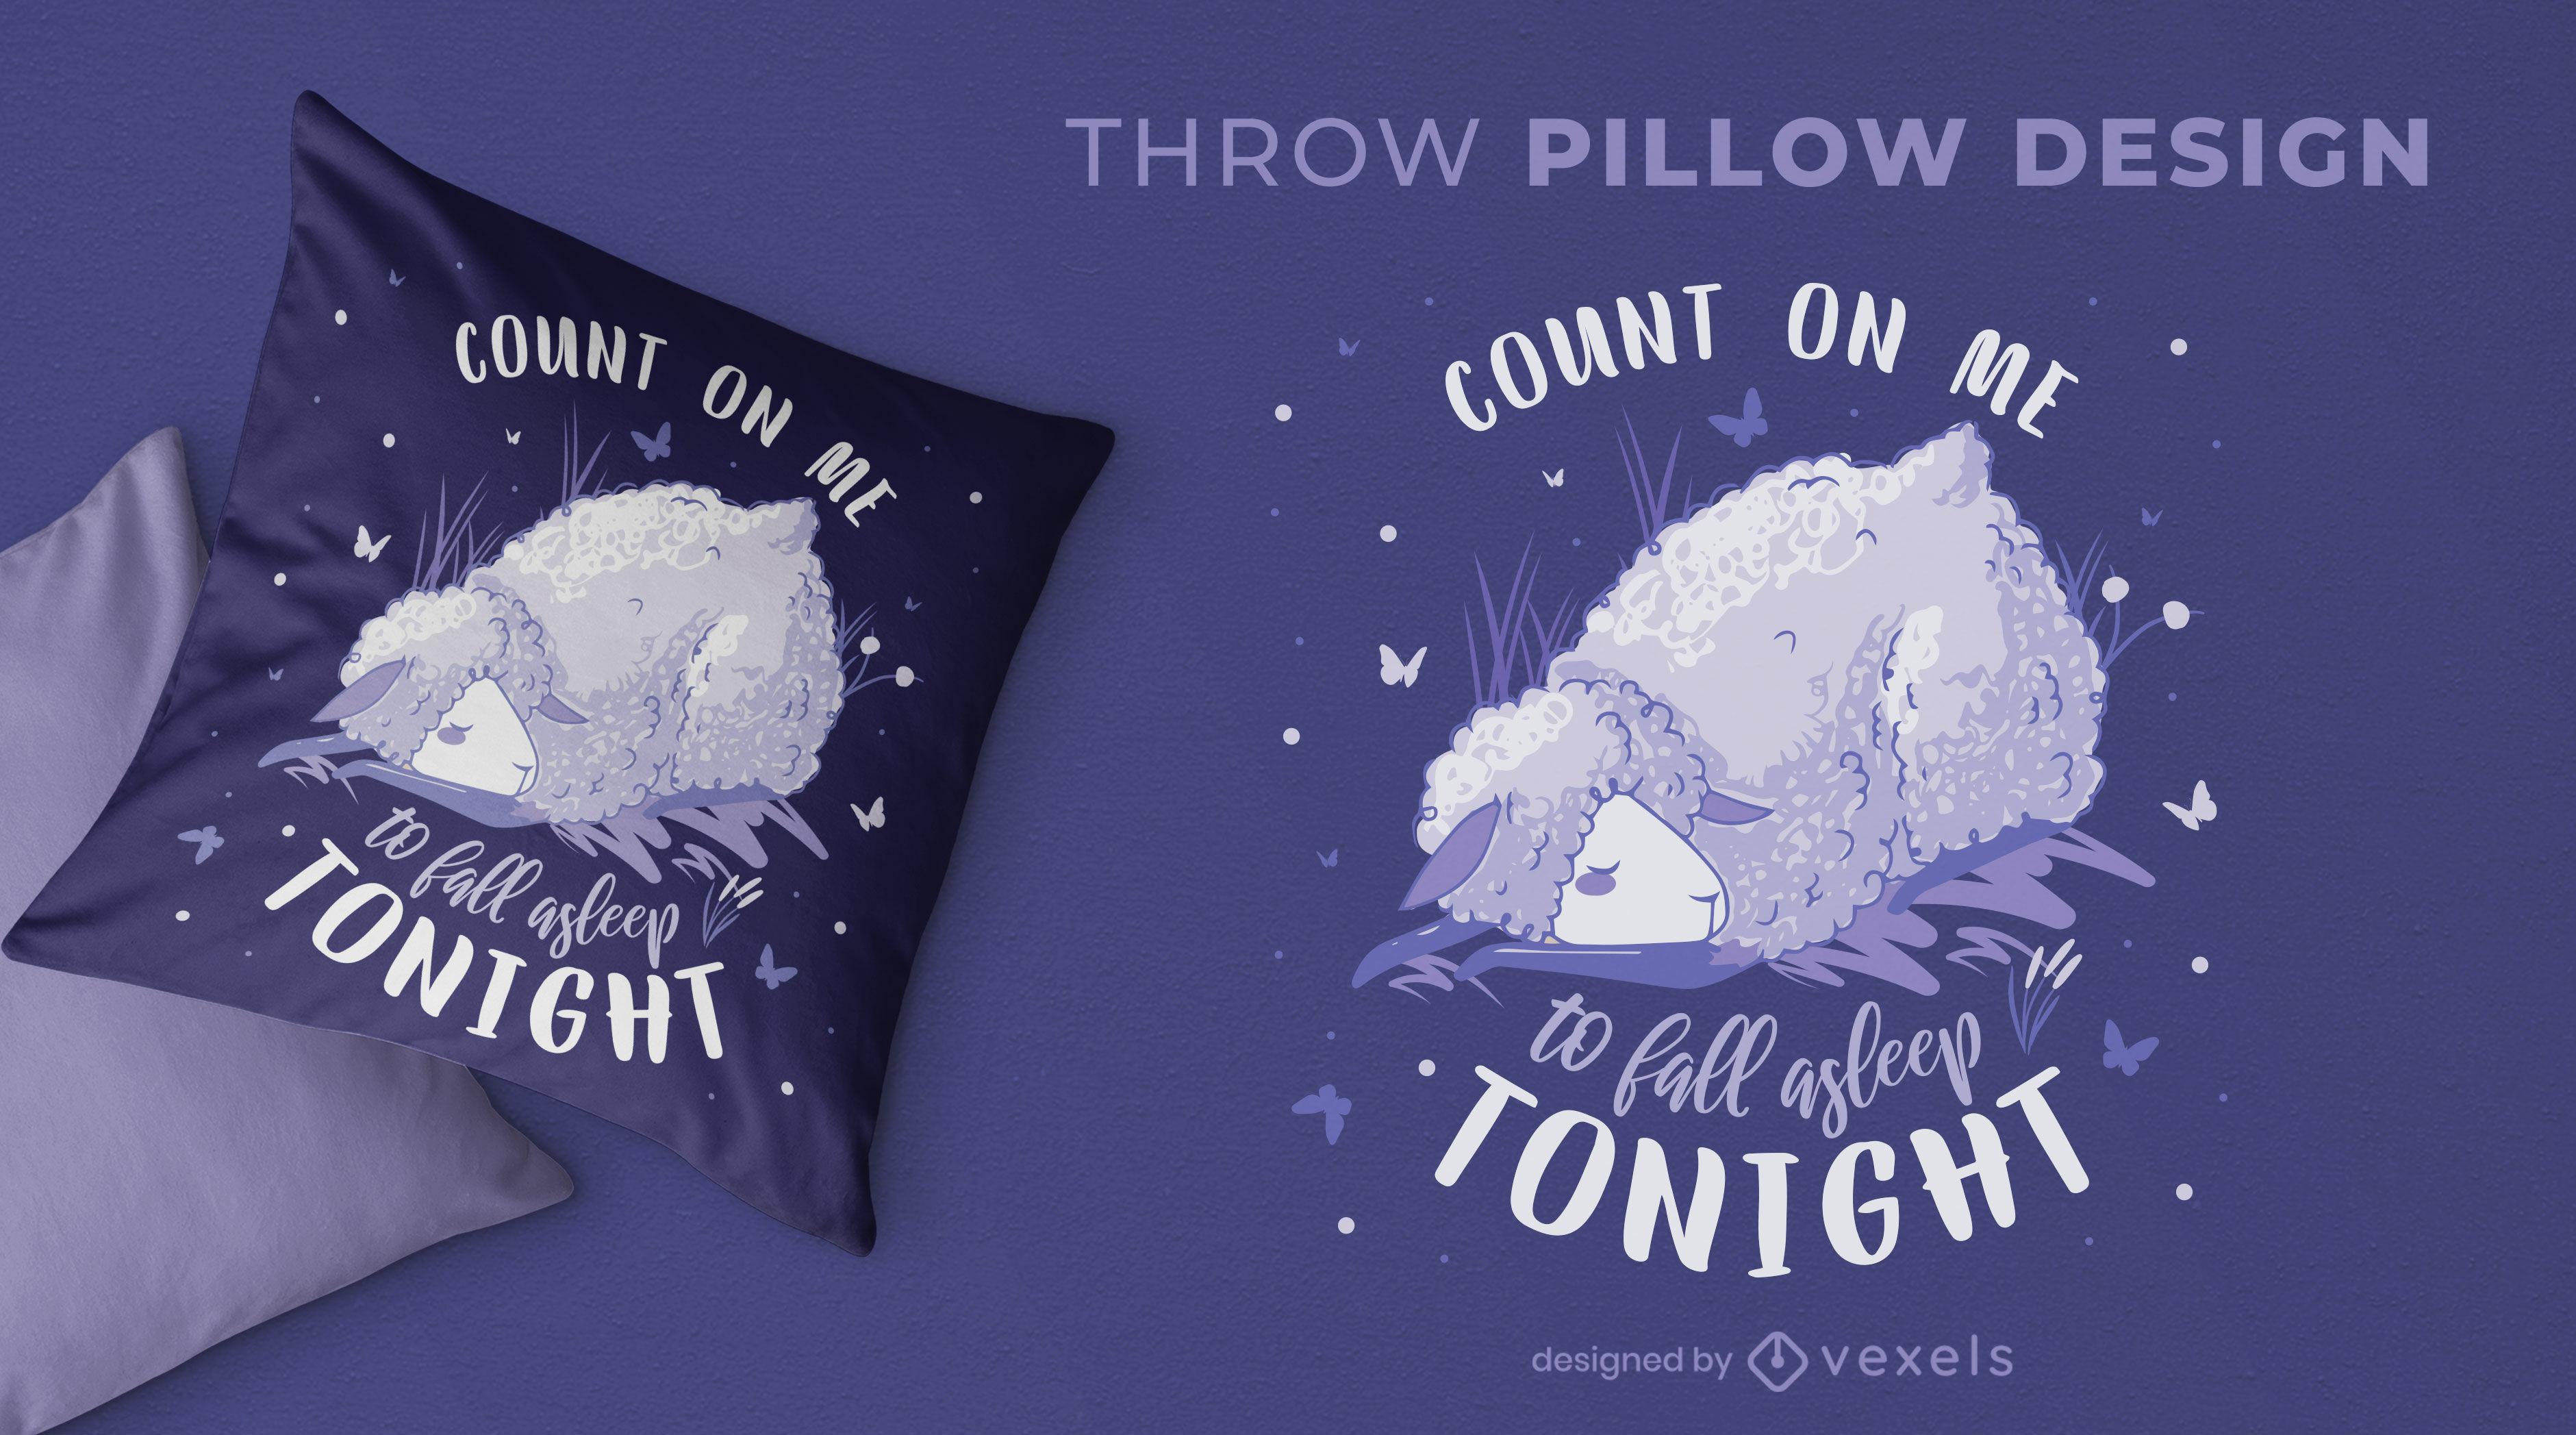 Design de almofada para animais de ovelha dormindo